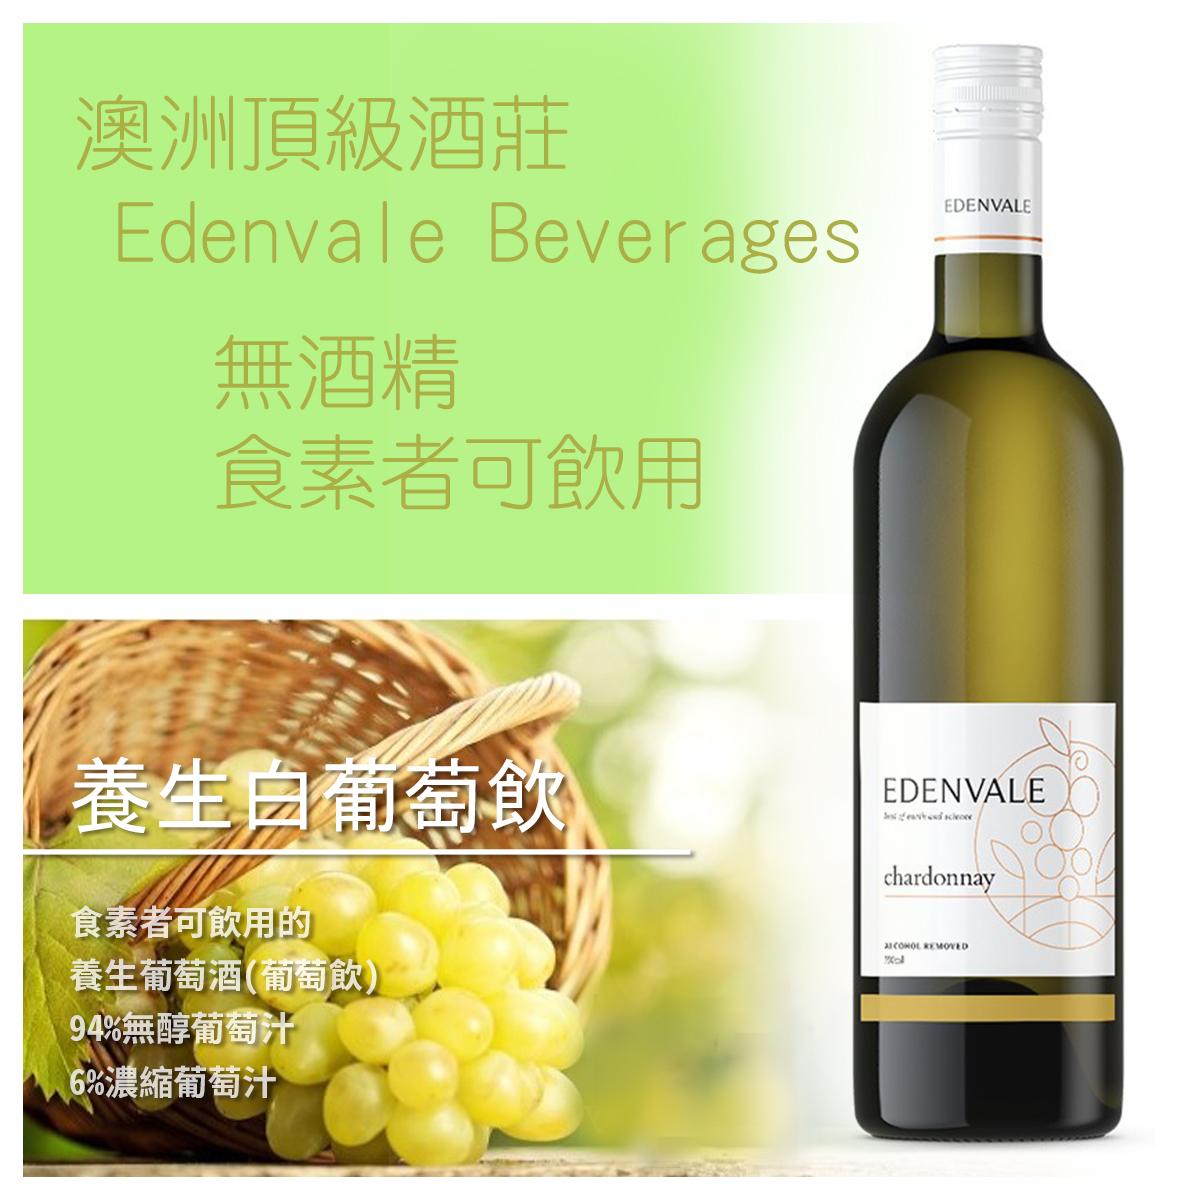 【旭讚素料專賣店】《Edenvale》養生白葡萄飲